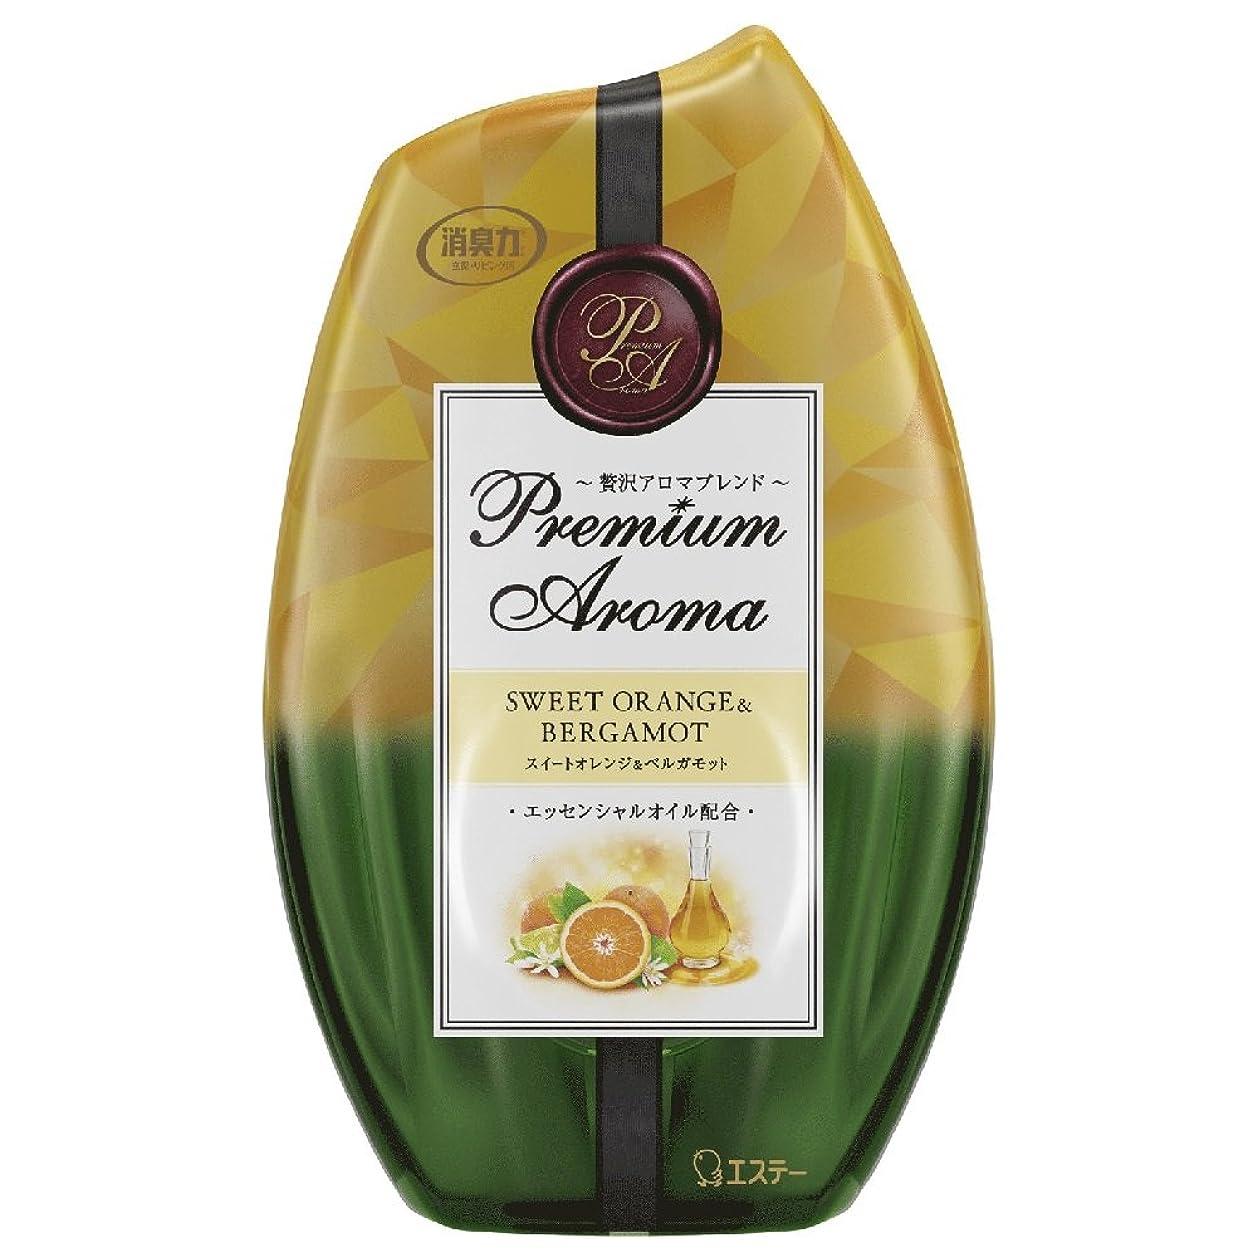 有効な首相夜の動物園お部屋の消臭力 プレミアムアロマ Premium Aroma 消臭芳香剤 部屋用 部屋 スイートオレンジ&ベルガモットの香り 400ml